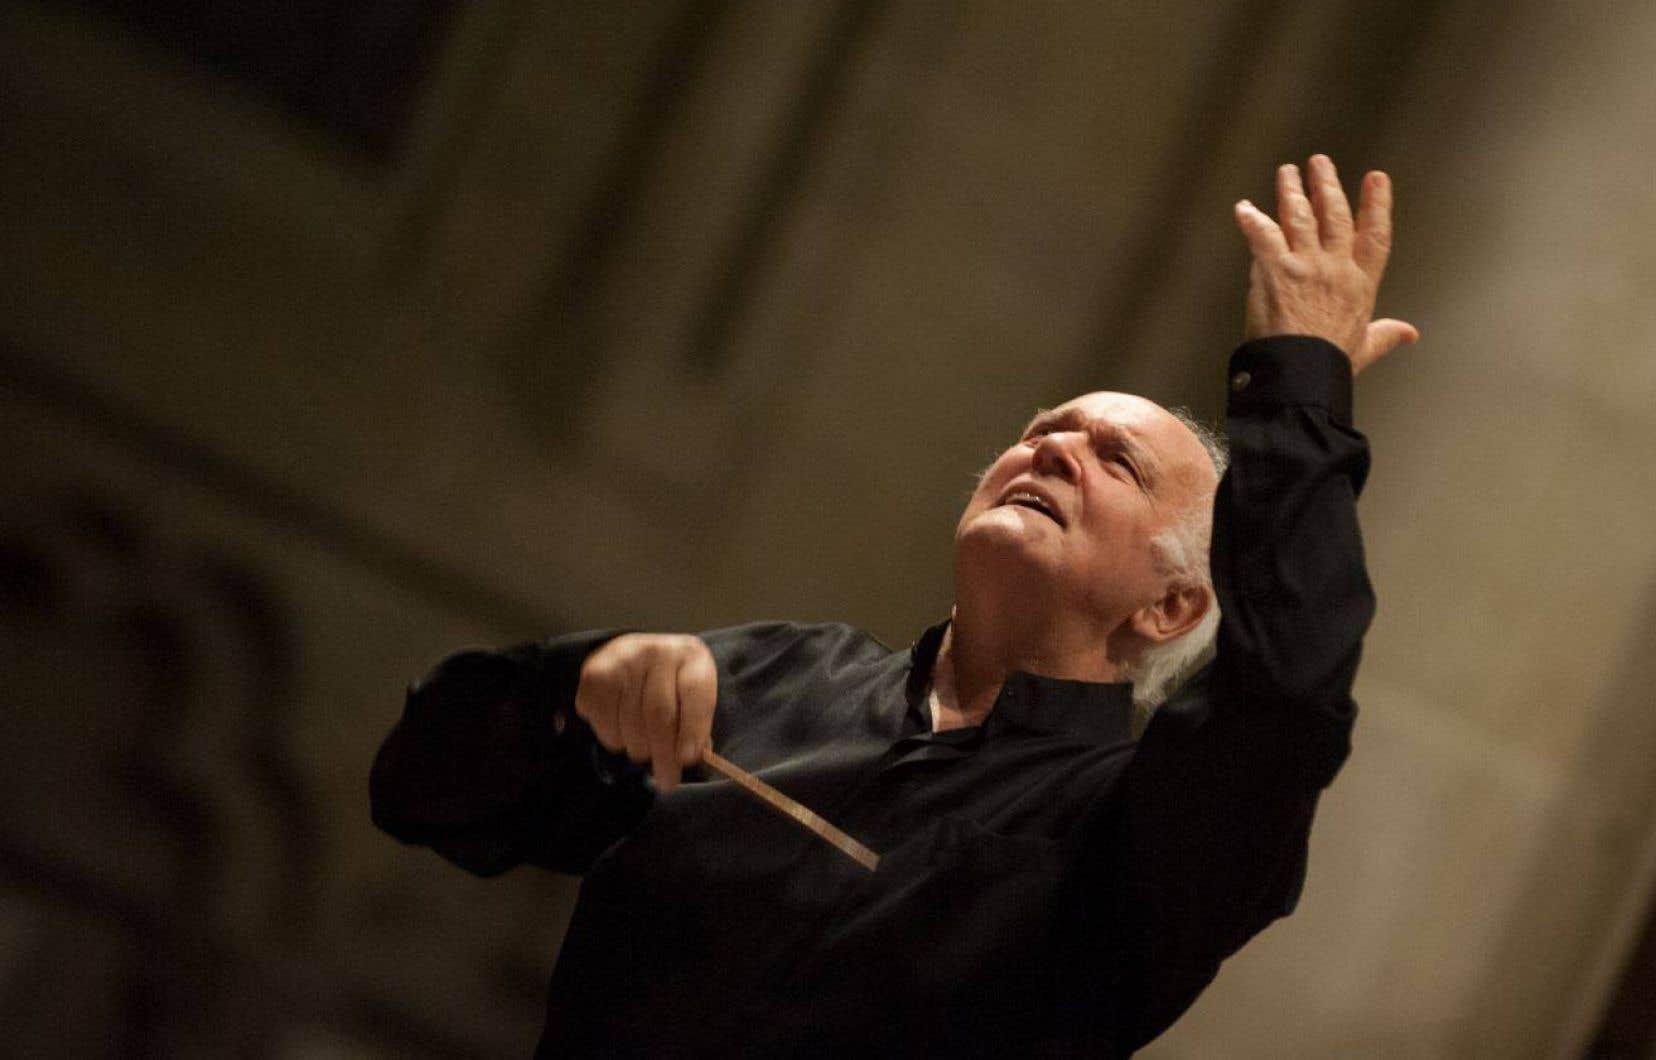 Homme lumineux, d'une grande intelligence et d'un humour vif, Michel Corboz avait le don de transcender les chanteurs qu'il dirigeait, d'une parole en répétition, d'un regard ou d'un sourire en concert.